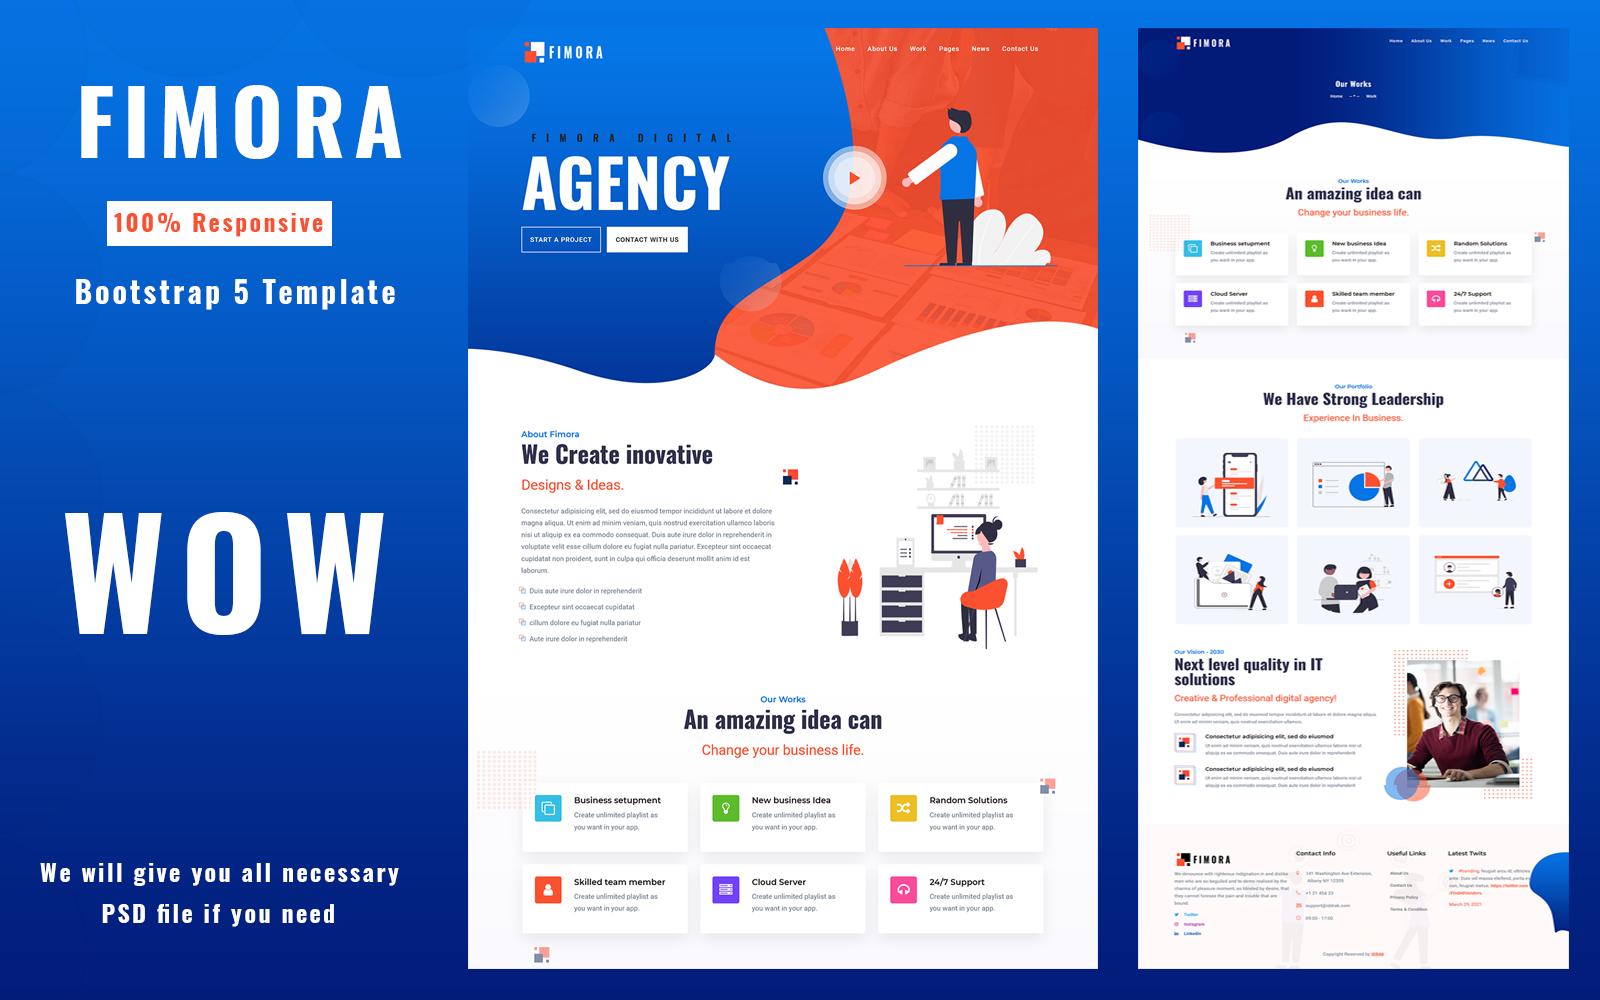 Fimora - Sjabloon voor zakelijke websites van Digital Agency